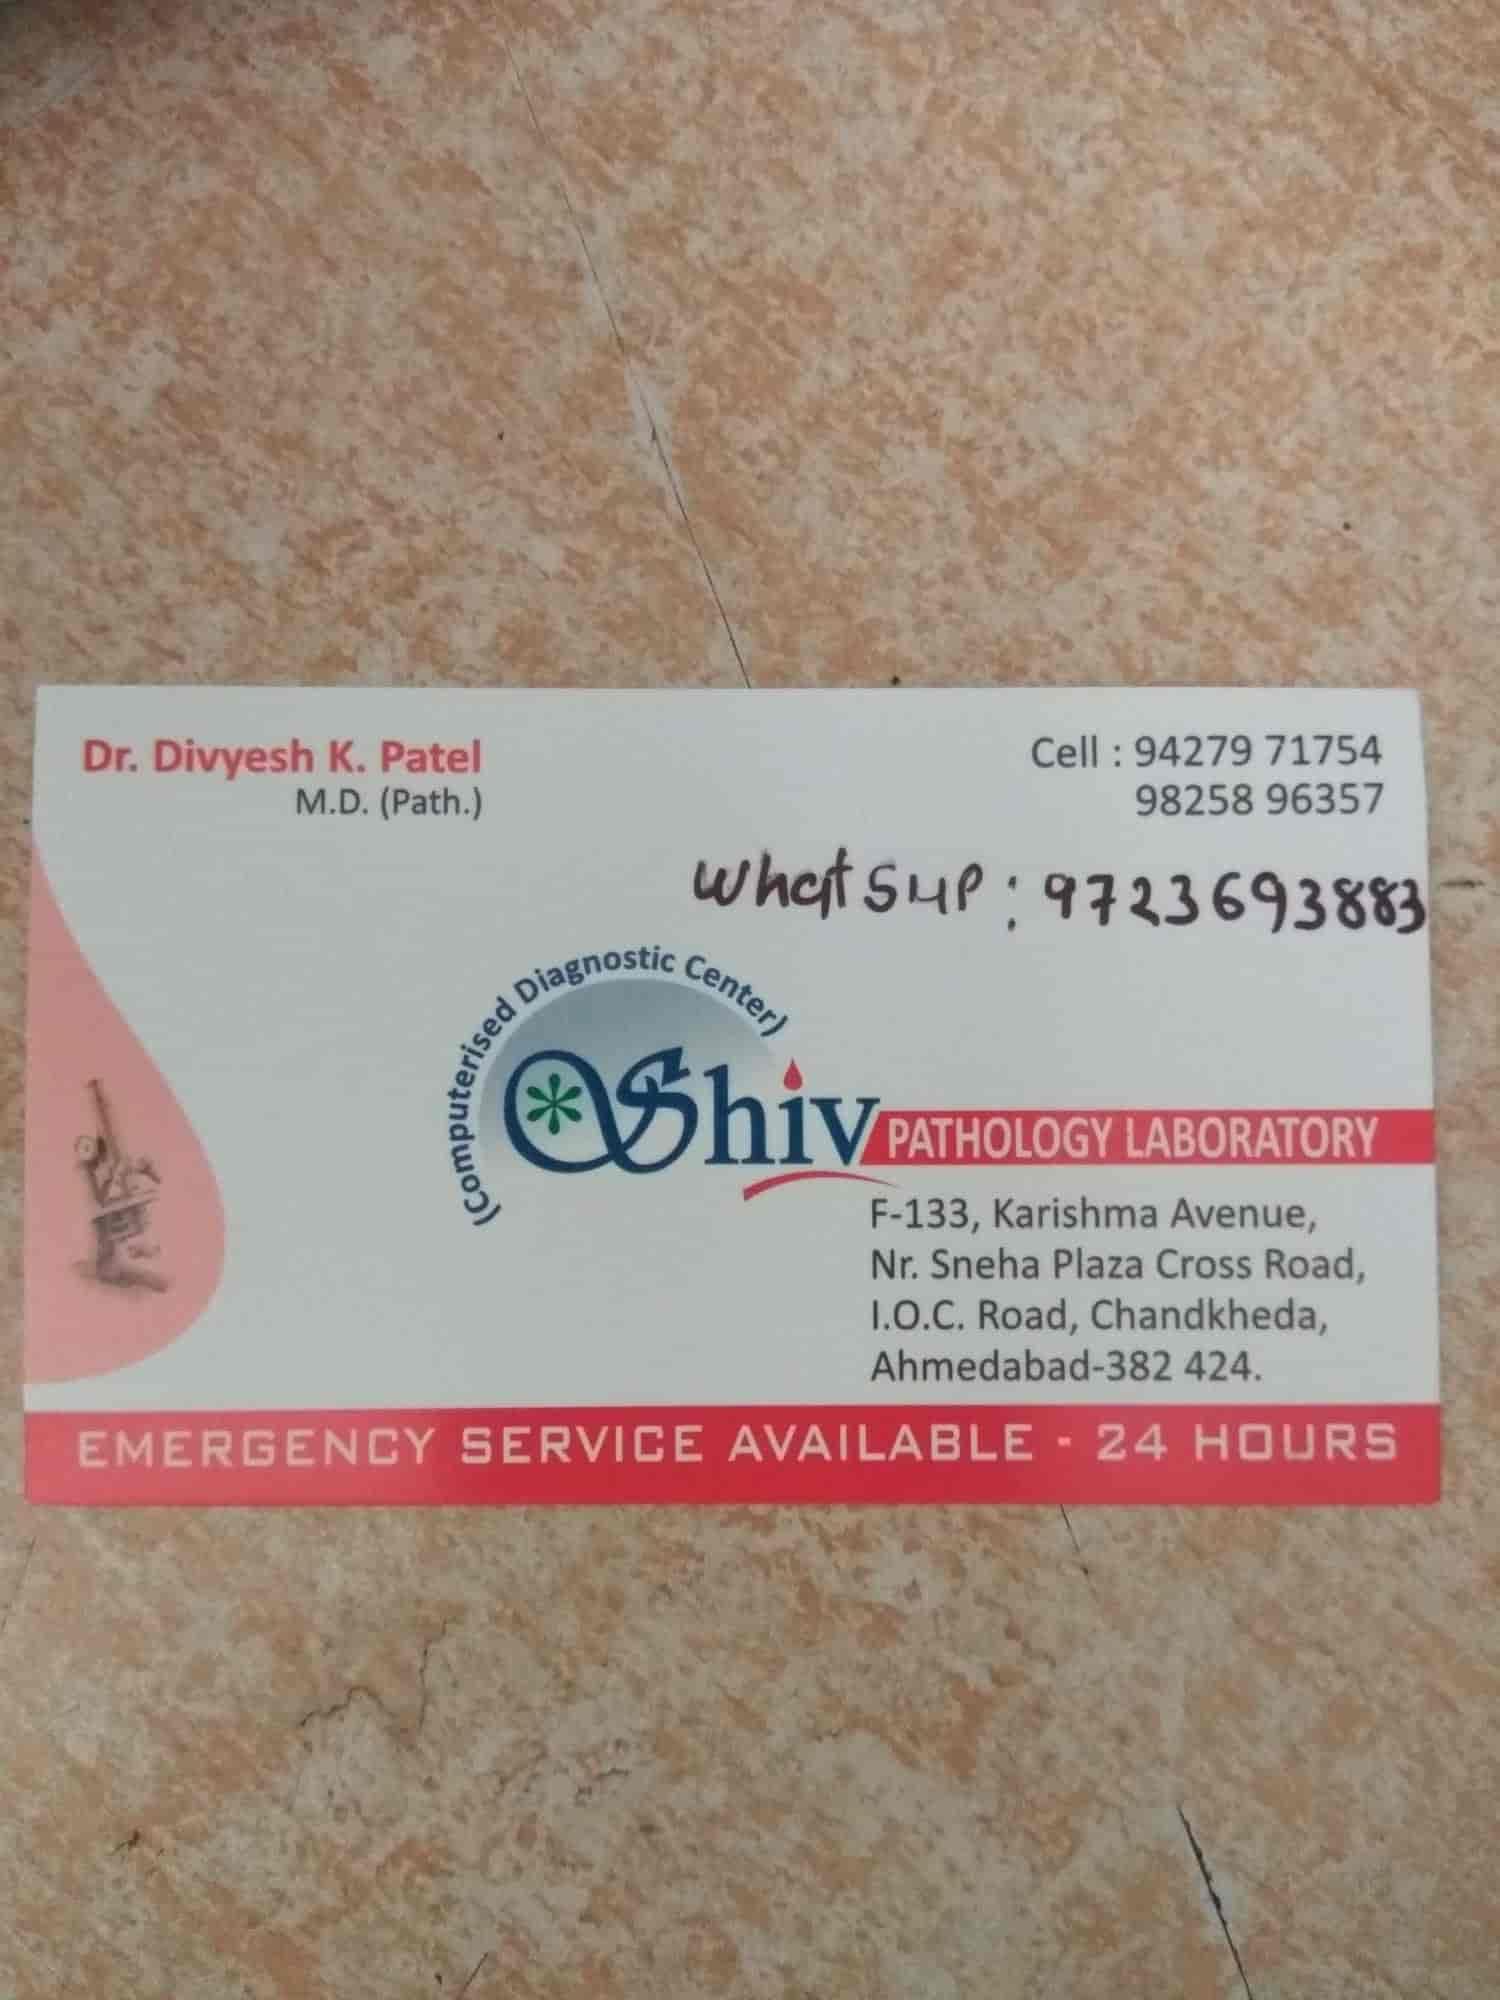 Shiv Pathology Laboratory, Chandkheda - Pathology Labs in Ahmedabad